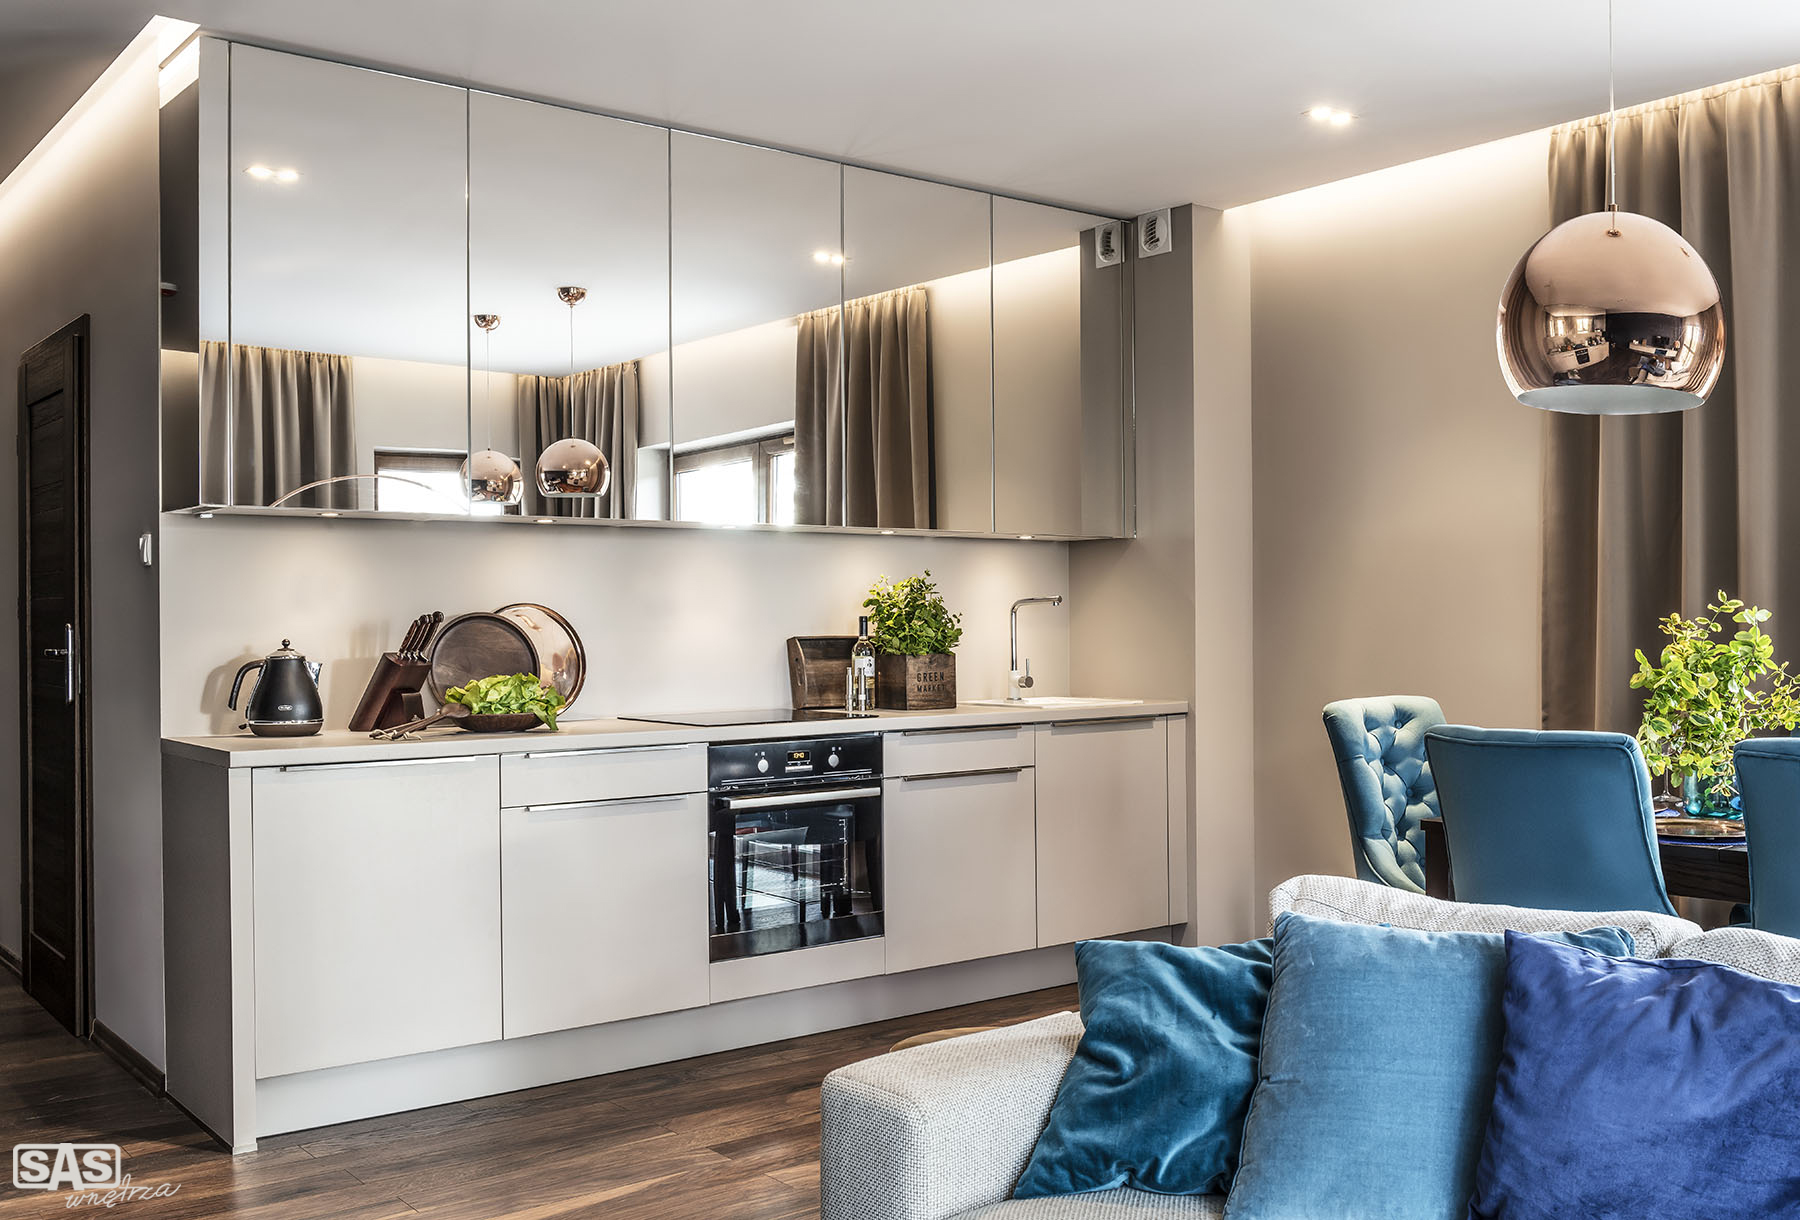 Kuchnia otwarta na jadalnię i część dzienną - meble kuchenne na wymiar wykonanie SAS Wnętrza i Kuchnie - projekt architekt wnętrz Emilia Strzempek Plasun.